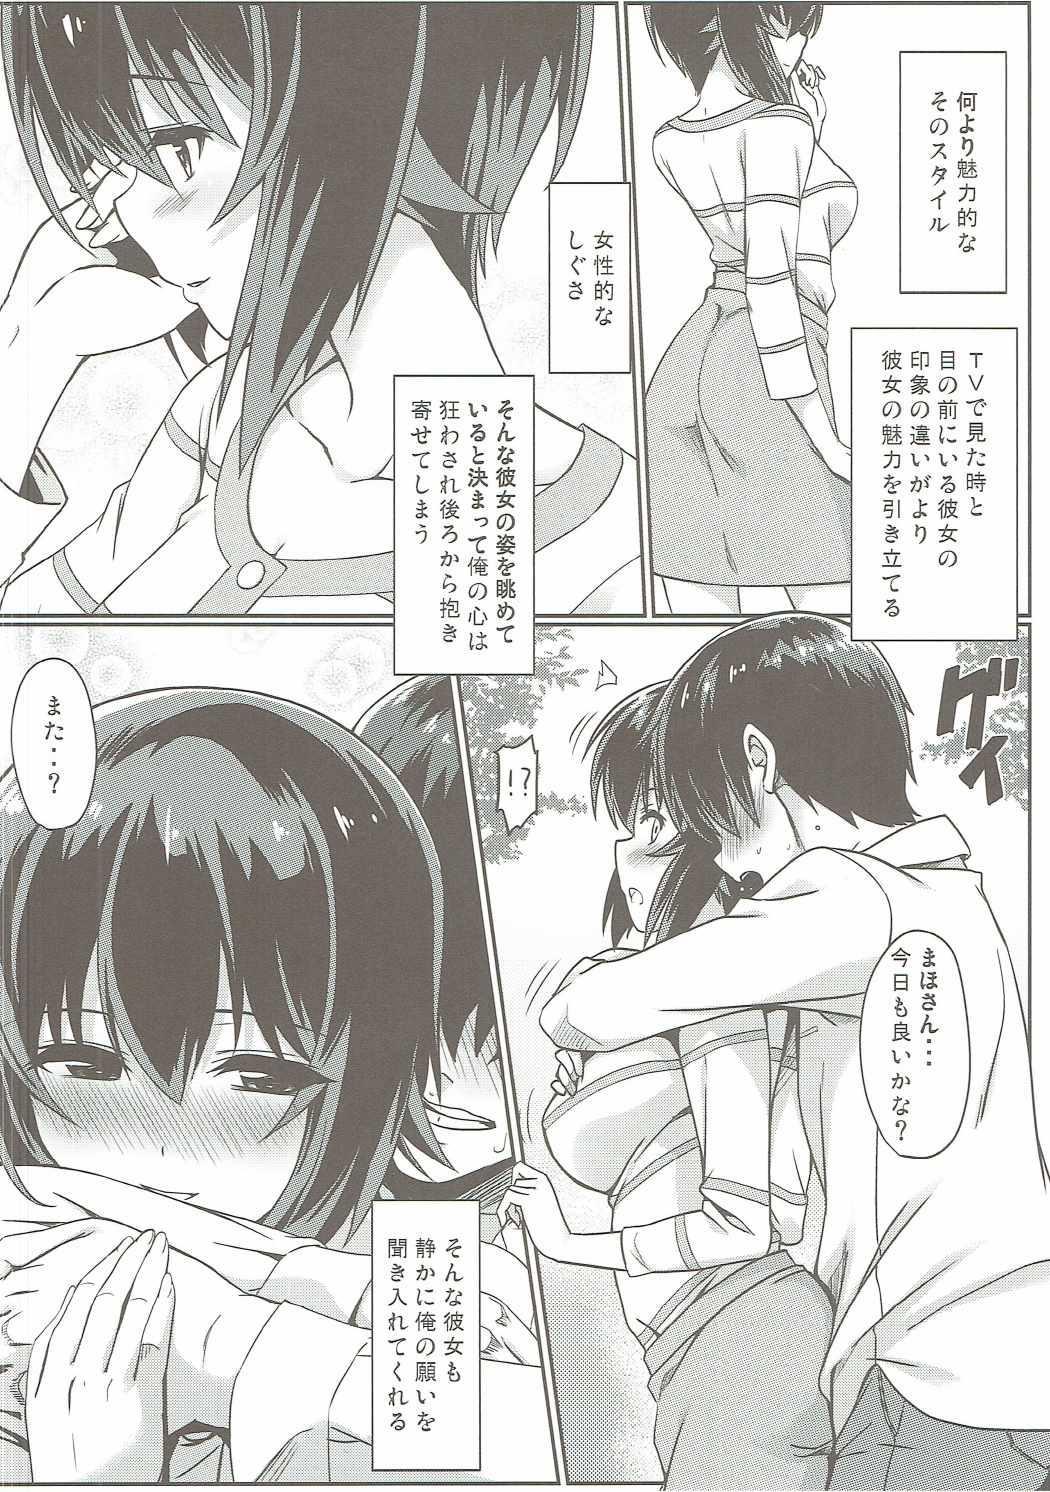 Maho-san to Koukeizukuri ga Shitai!! 2